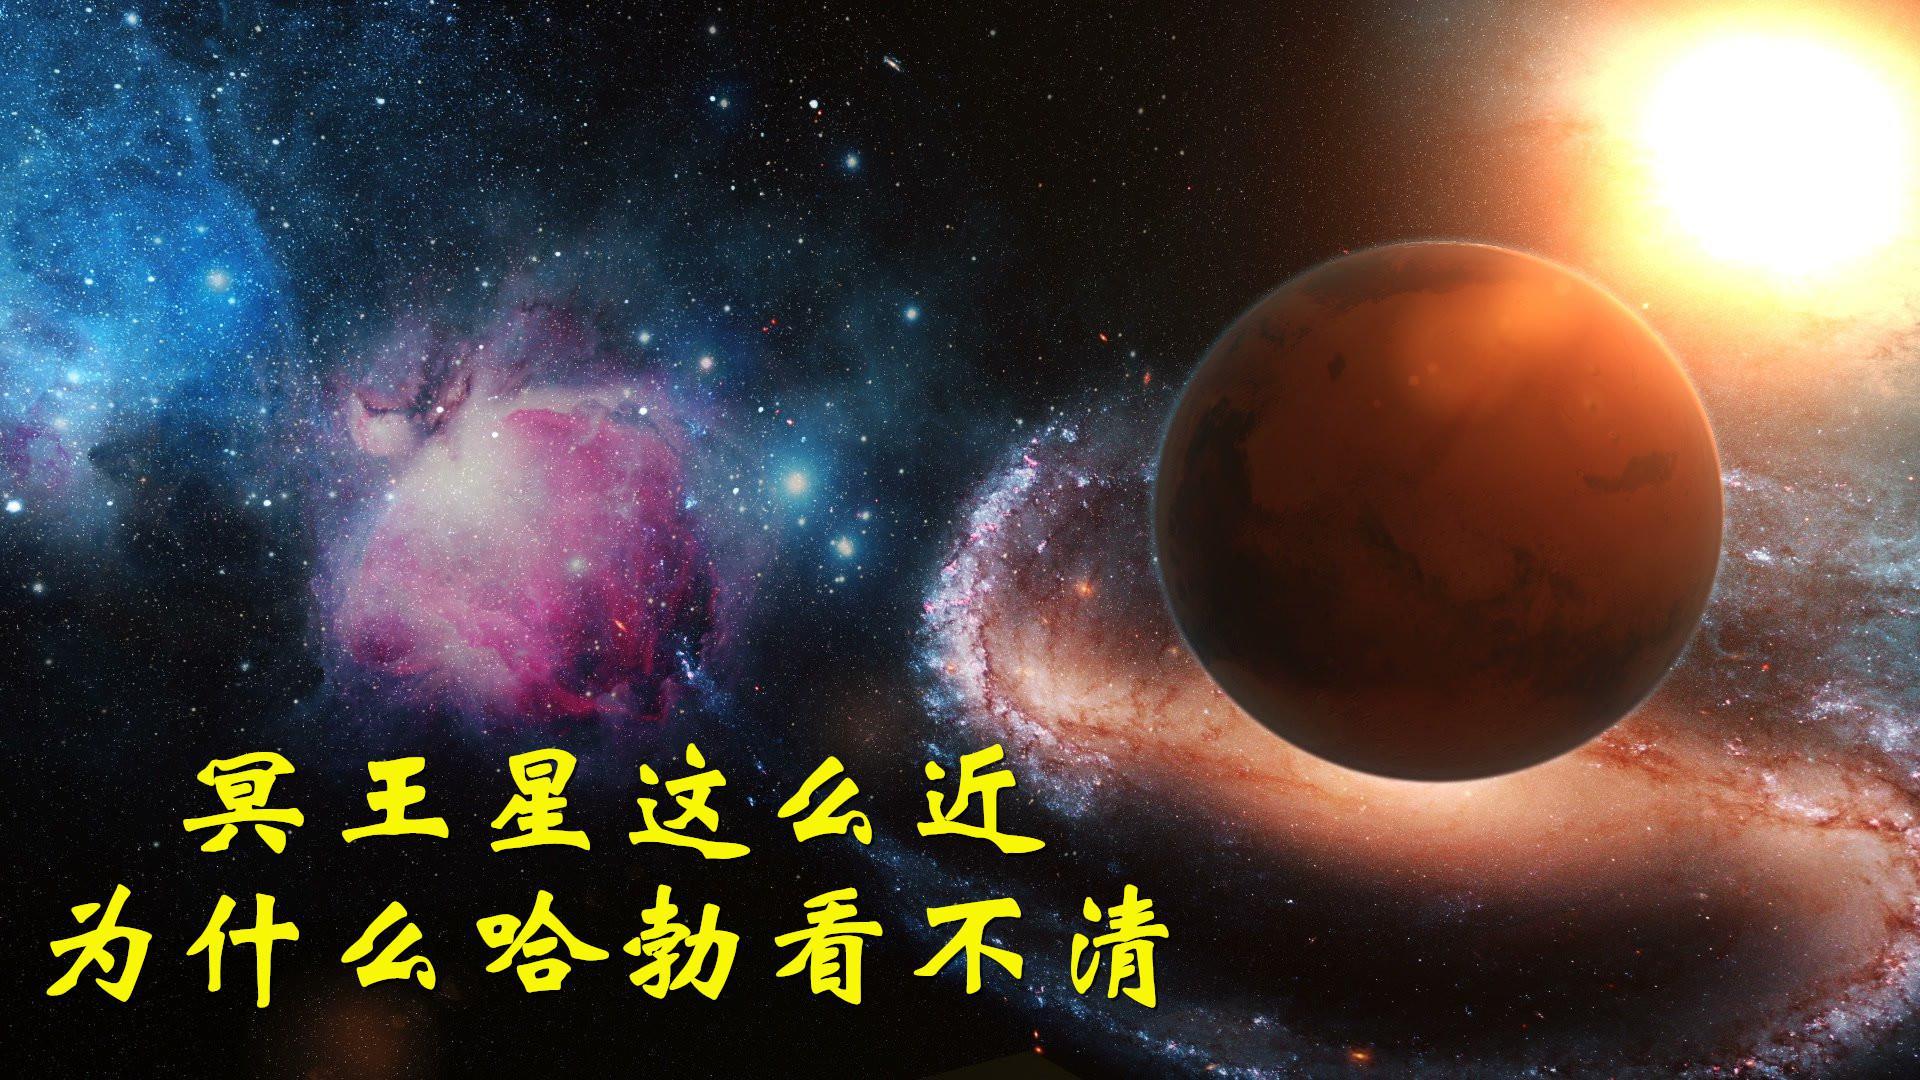 哈勃望远镜能拍摄134亿光年外的星系,为什么却看不清冥王星?